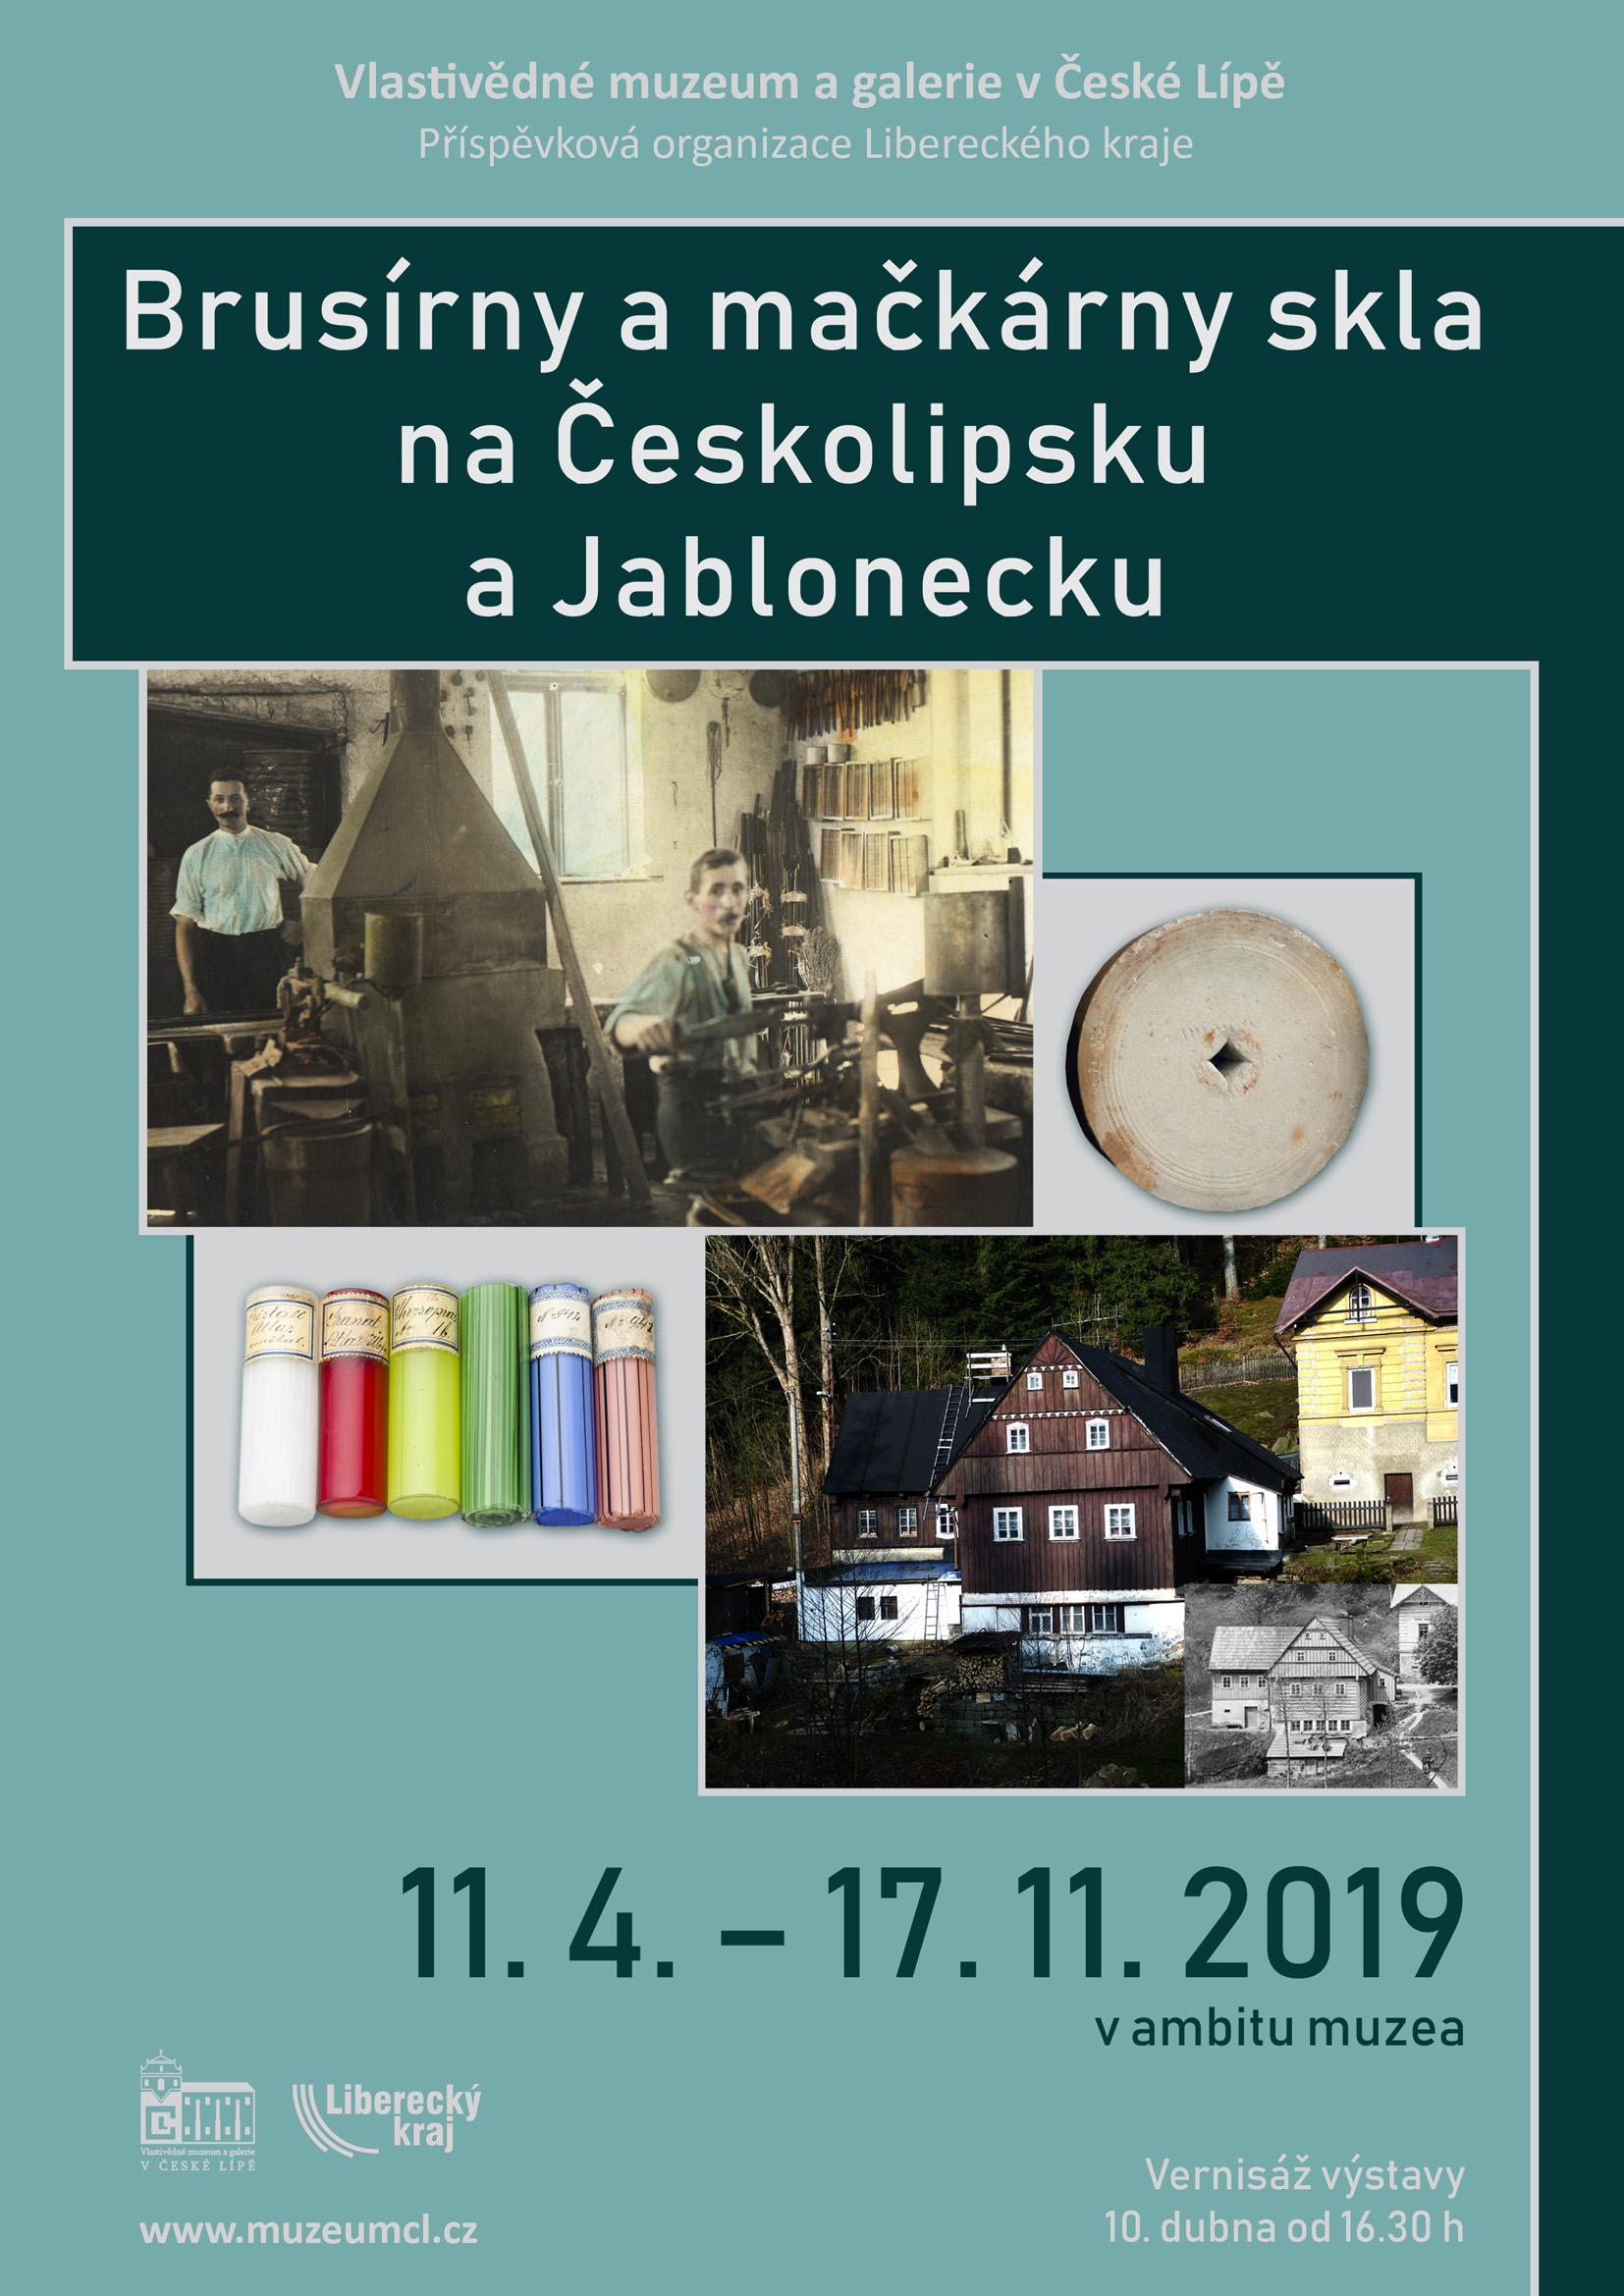 Obrázek v galerii pro Vlastivědné muzeum a galere Česká Lípa - Brusírny a mačkárny skla na Českolipsku a Jablonecku